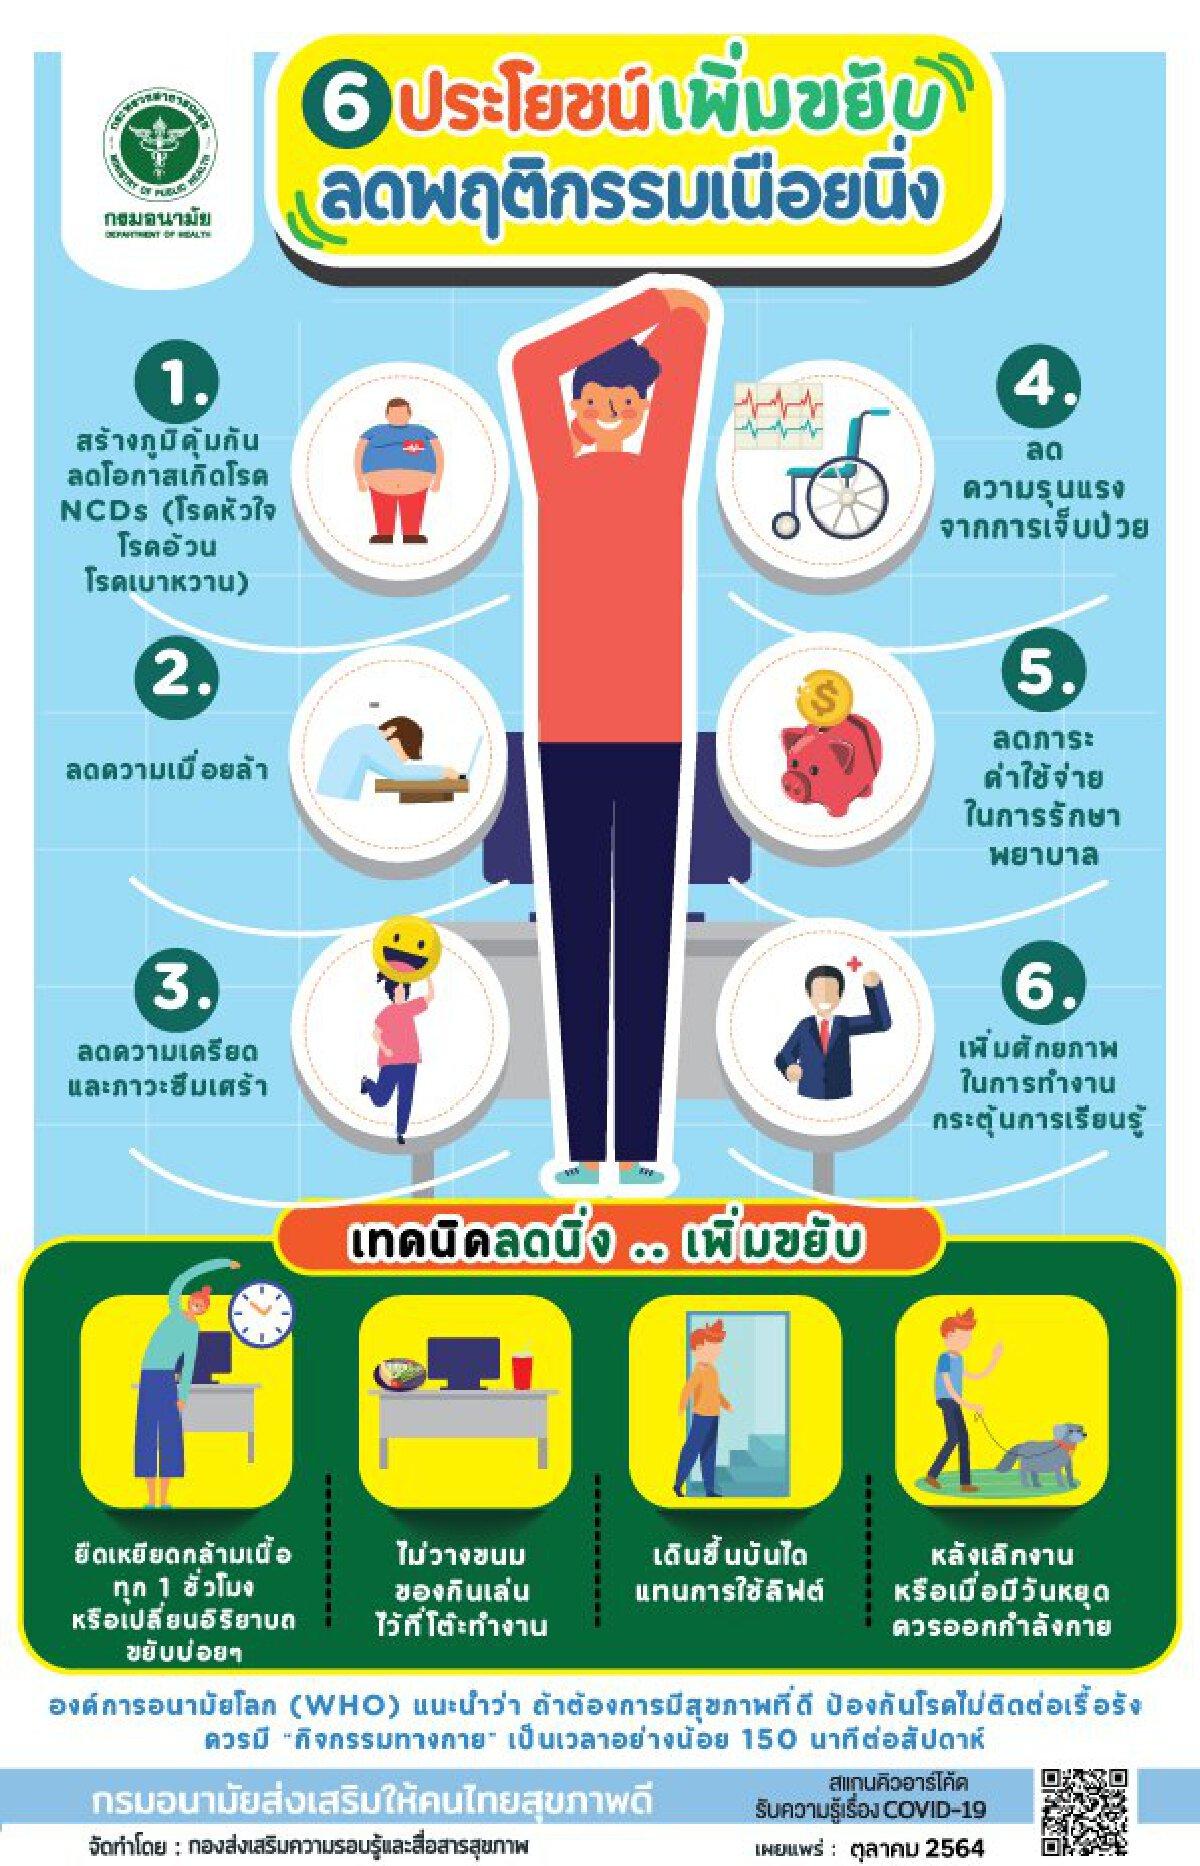 พฤติกรรมคนไทยเปลี่ยนไปเพราะโควิด-19  เฉลี่ย 14 ชั่วโมงต่อวัน